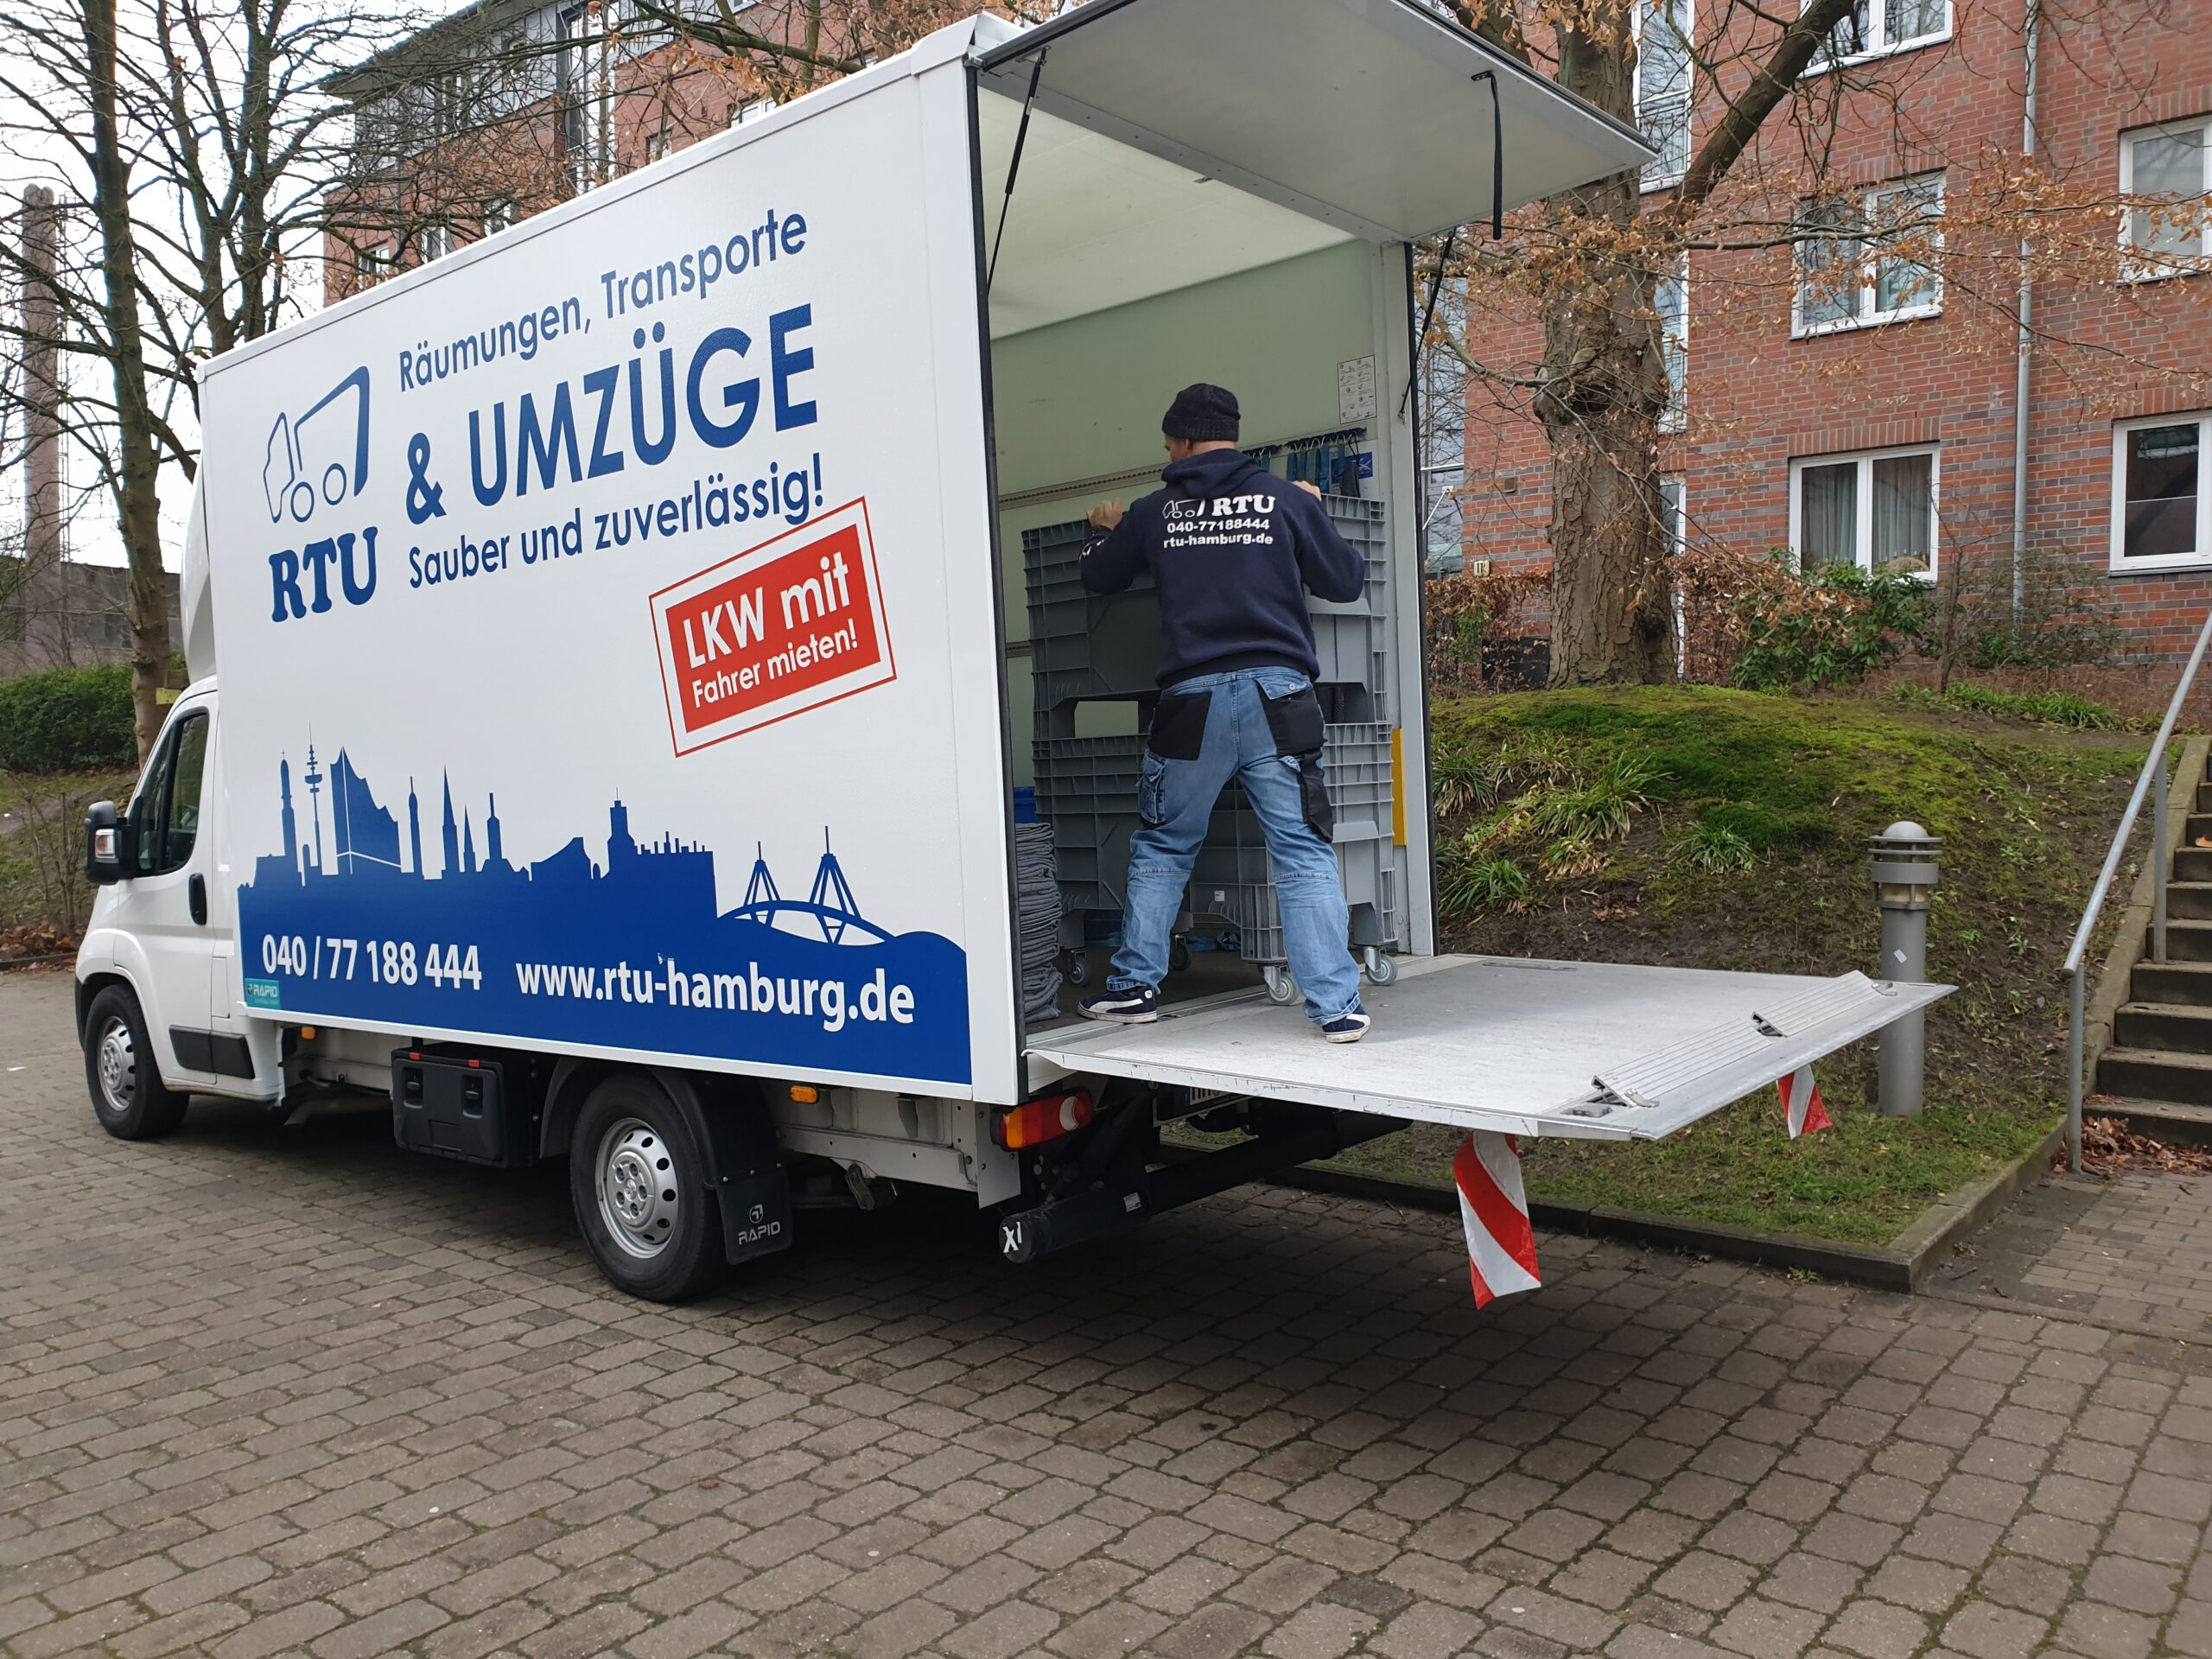 https://www.rtu-hamburg.de/wp-content/uploads/2020/11/Unser-RTU-Transporter-vor-einer-Entruempelung-scaled.jpg